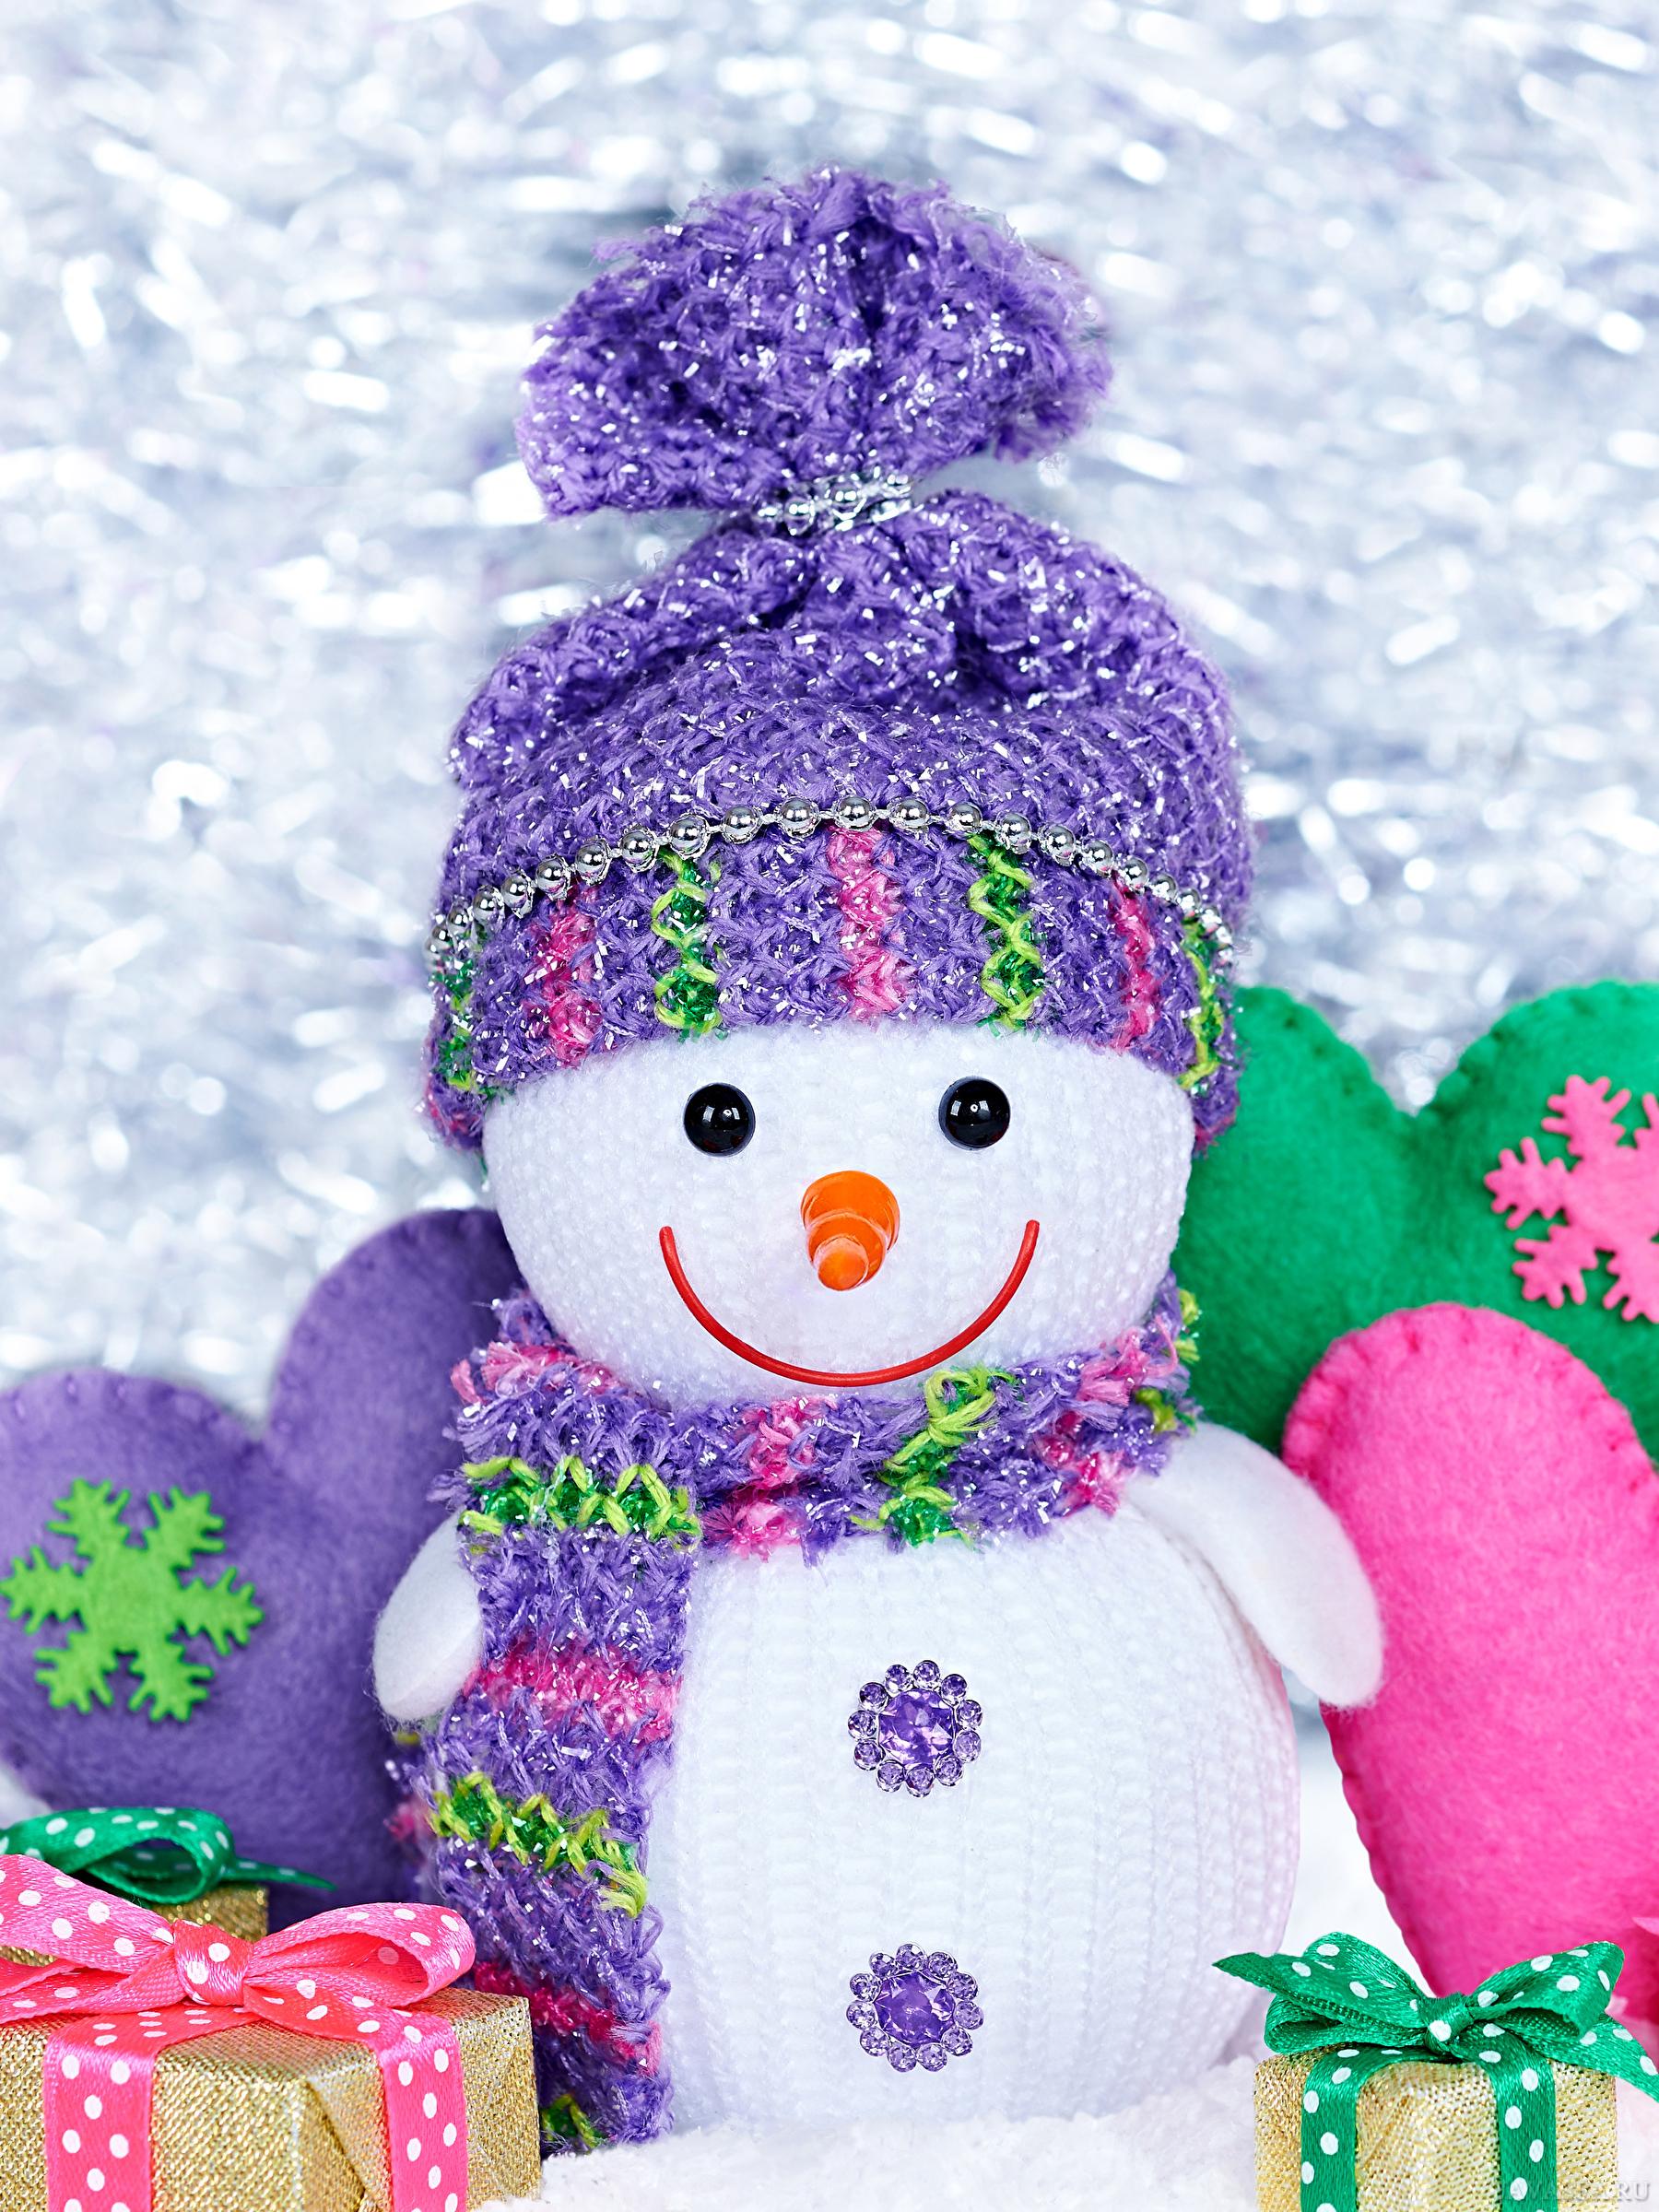 новый год снеговик картинки красивые на телефон крутой нрав изображениях